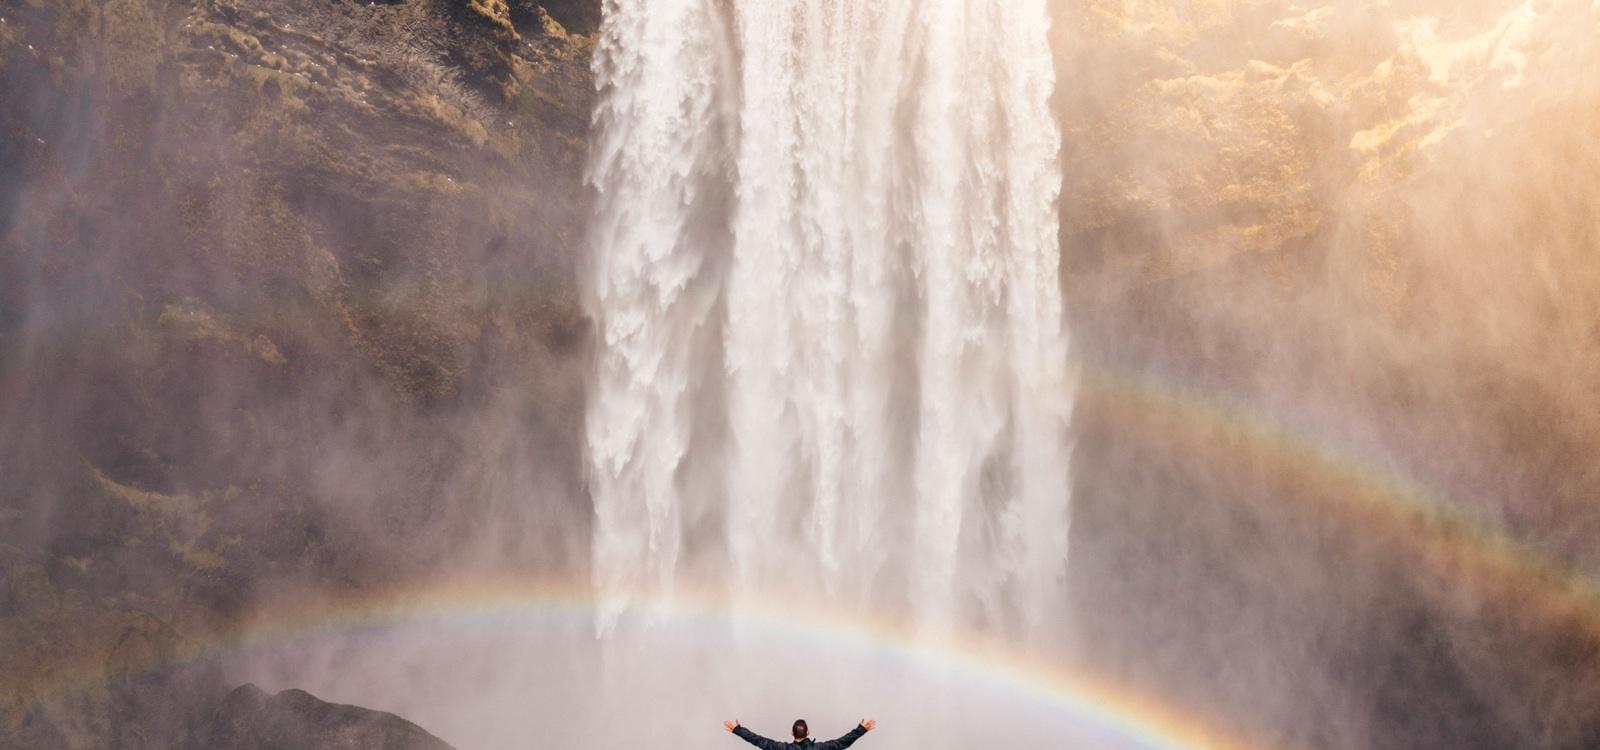 natuur regenboog hoop krachtig mensisme menselijk